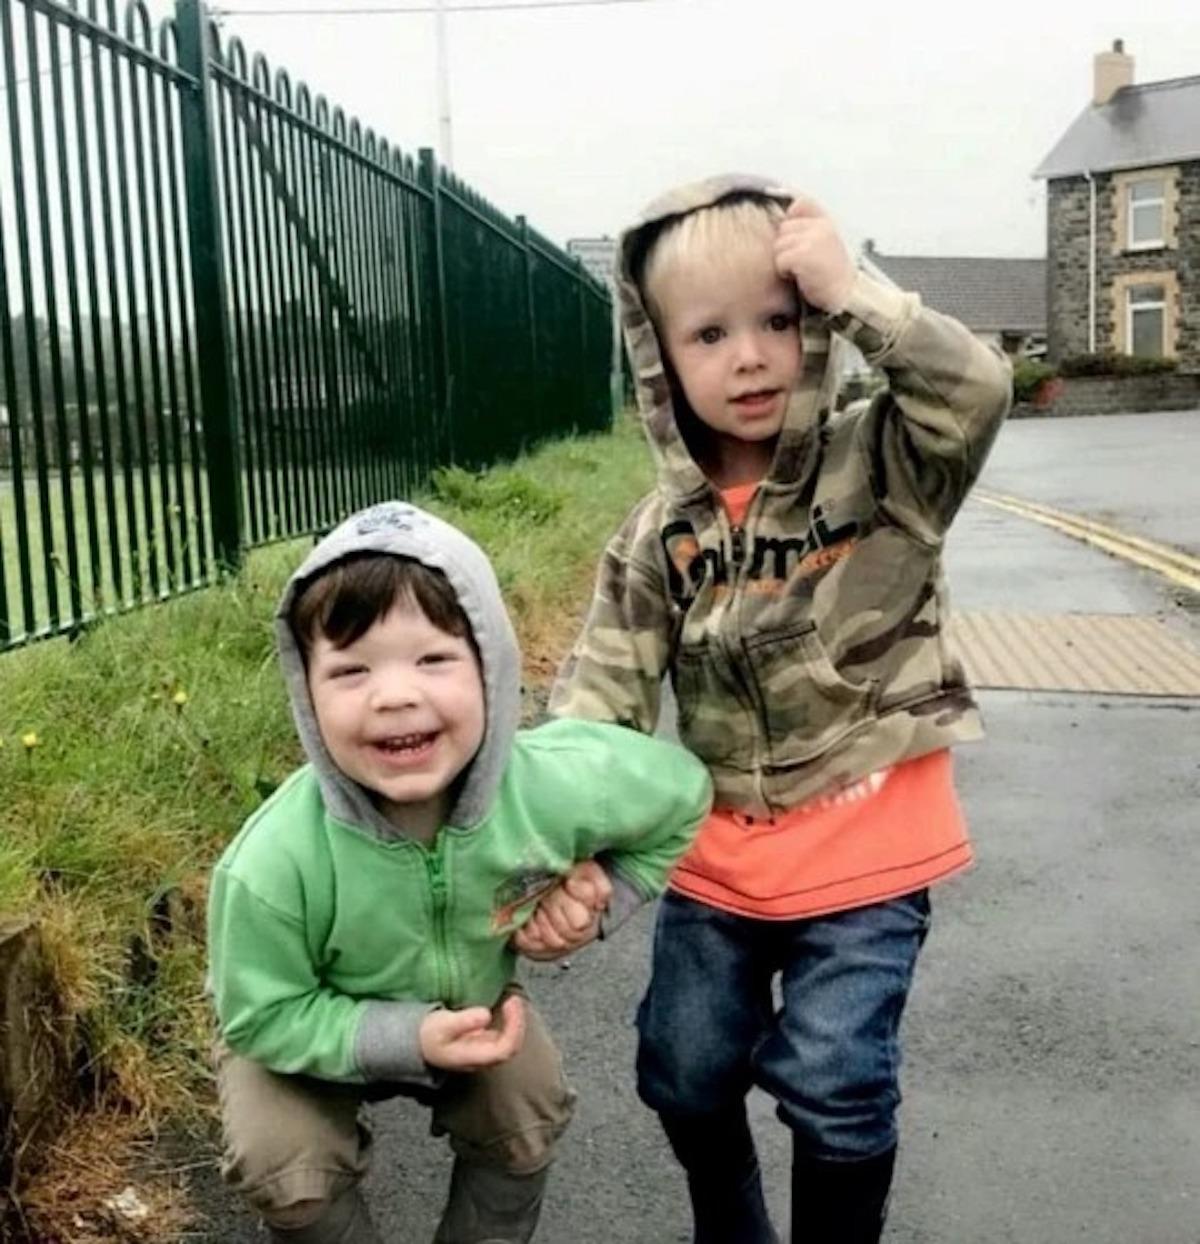 """Incendio in casa, bimbo muore a 3 anni. L'errore fatale del padre: """"Ero sicuro di averlo salvato"""""""